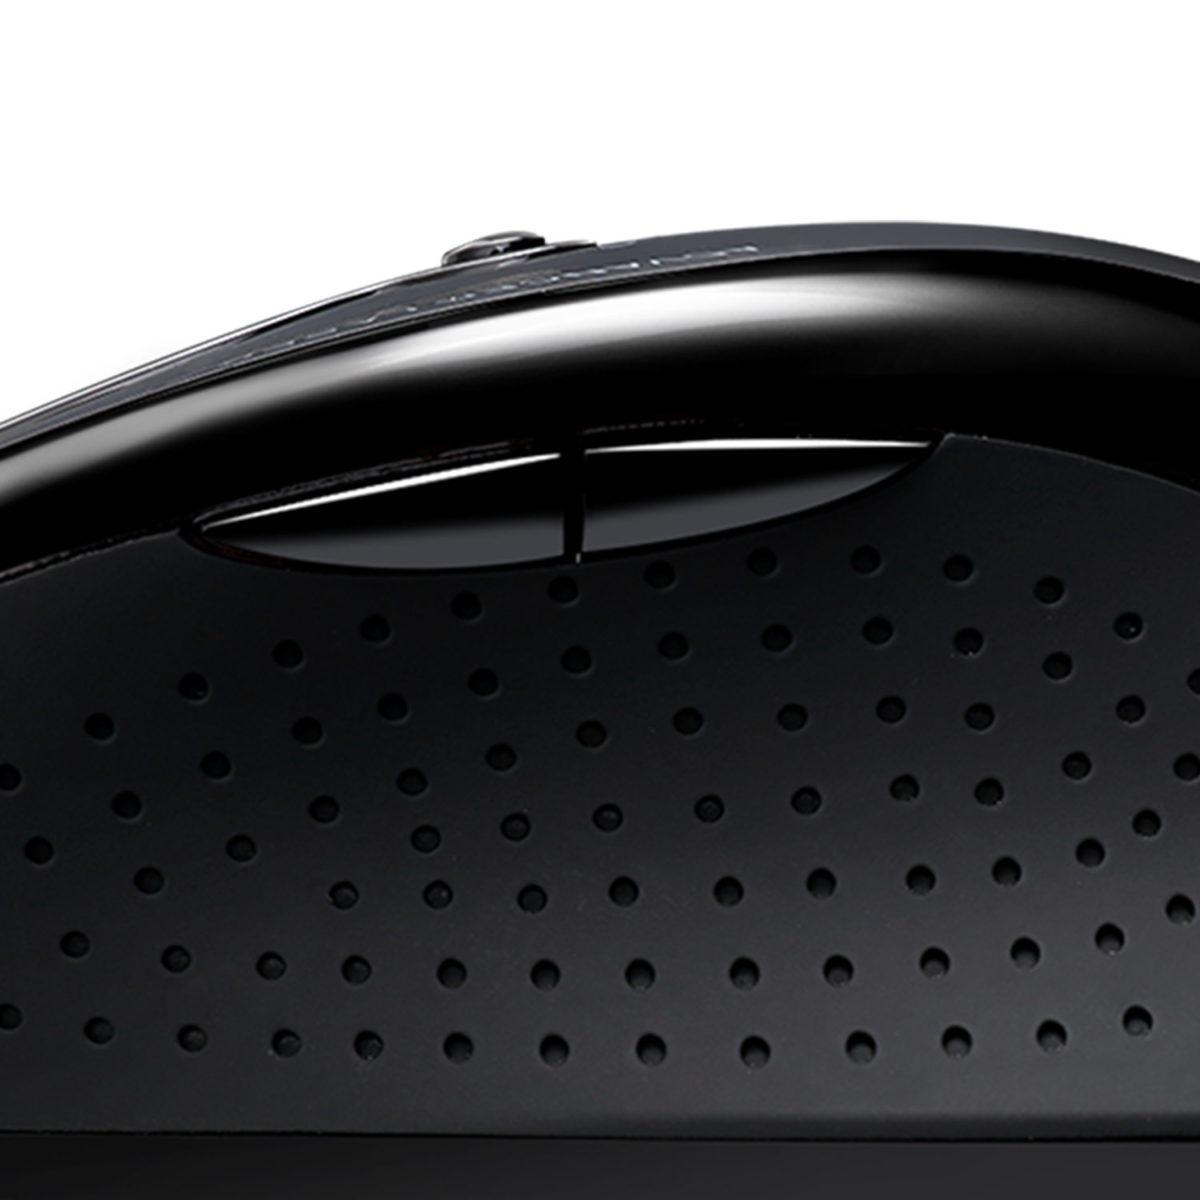 Adesso Draadloos ergonomisch toetsenbord en lasermuis